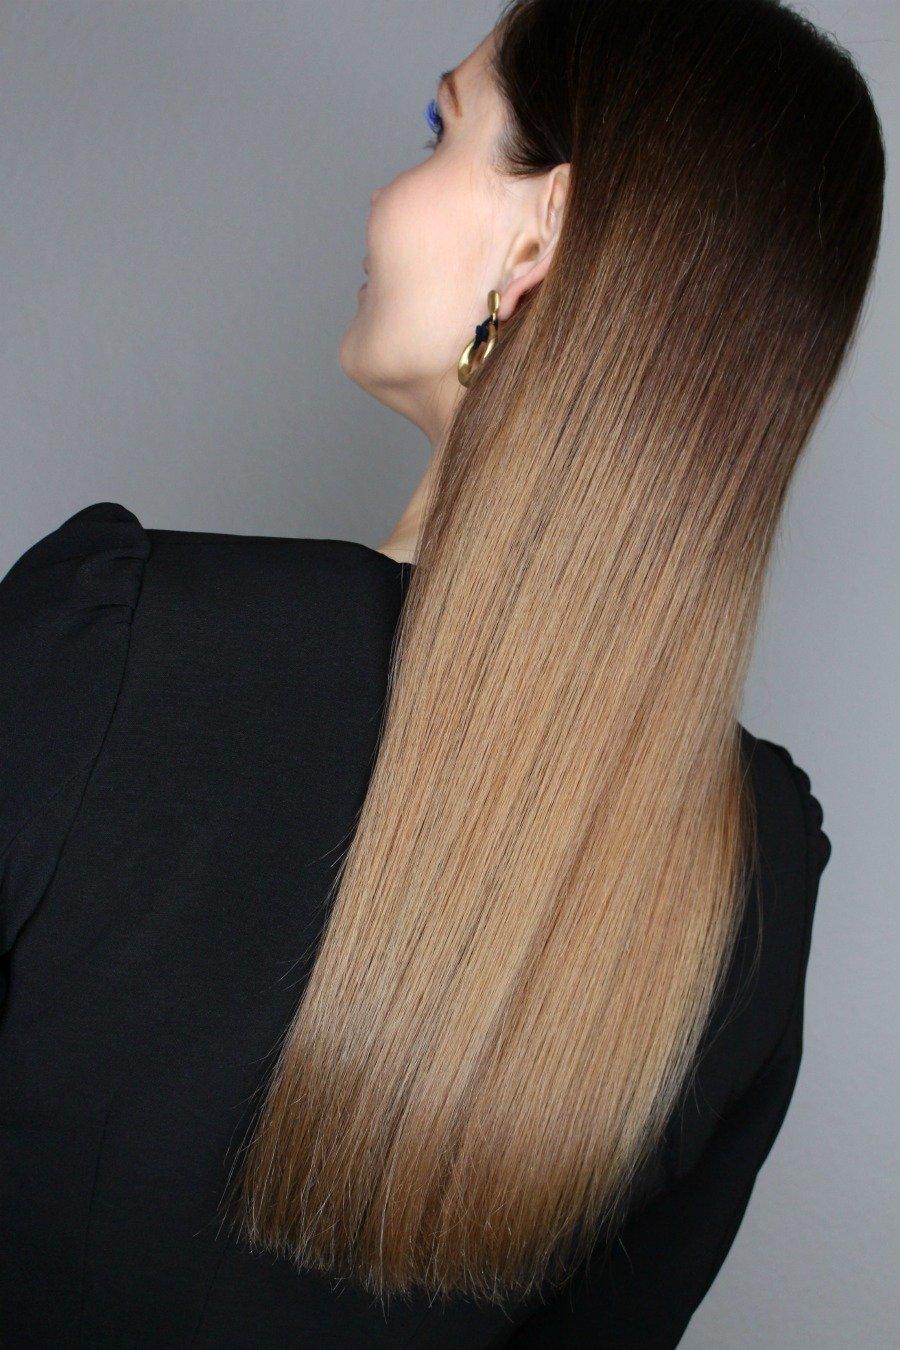 beste Haarpflege für strapaziertes Haar, Haarpflege die wirklich hilft, lange und gesunde Haare bekommen, glatte Haare bekommen ohne Glätteisen, gesunde Haare ohne Spliss, extrem kaputte Haare reparieren, trotz Haarkur trockene Haare, welche Haarkur ist die beste für trockenes Haar, welche Haarkur repariert wirklich, Super Twins Haare, Super Twins Haarpflege, Super Twins Annalena und Magdalena